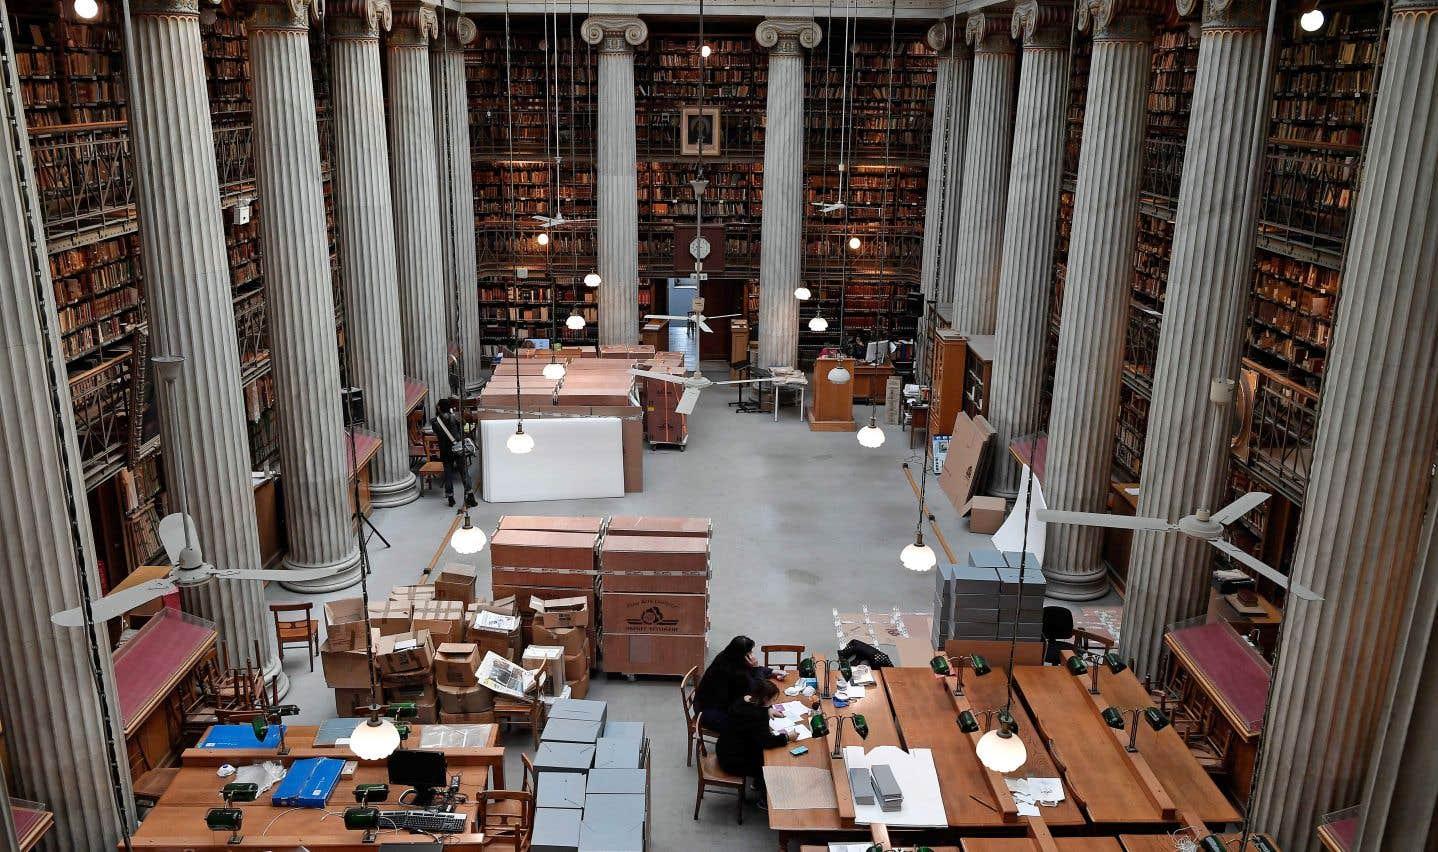 Le manoir néoclassique abritant la Bibliothèque nationale comprenait seulement 80 places et ne pouvait être rénové facilement.